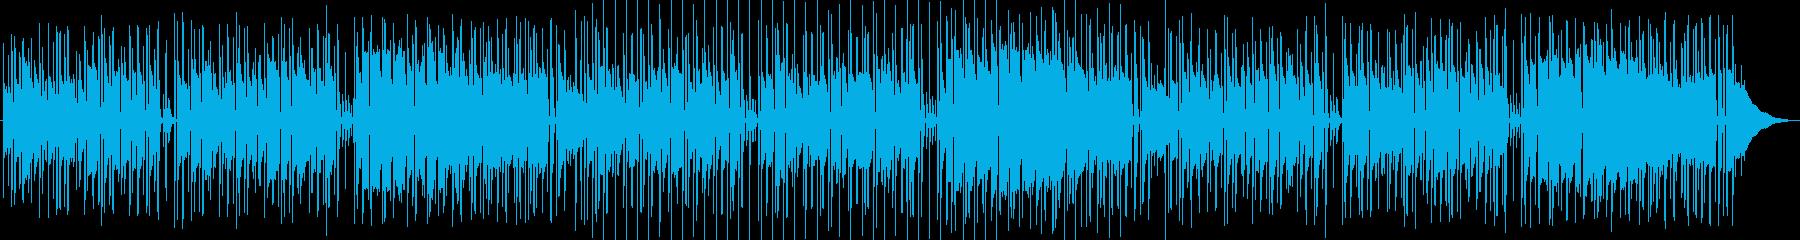 アニメ劇伴風のお洒落ポップスBGMの再生済みの波形